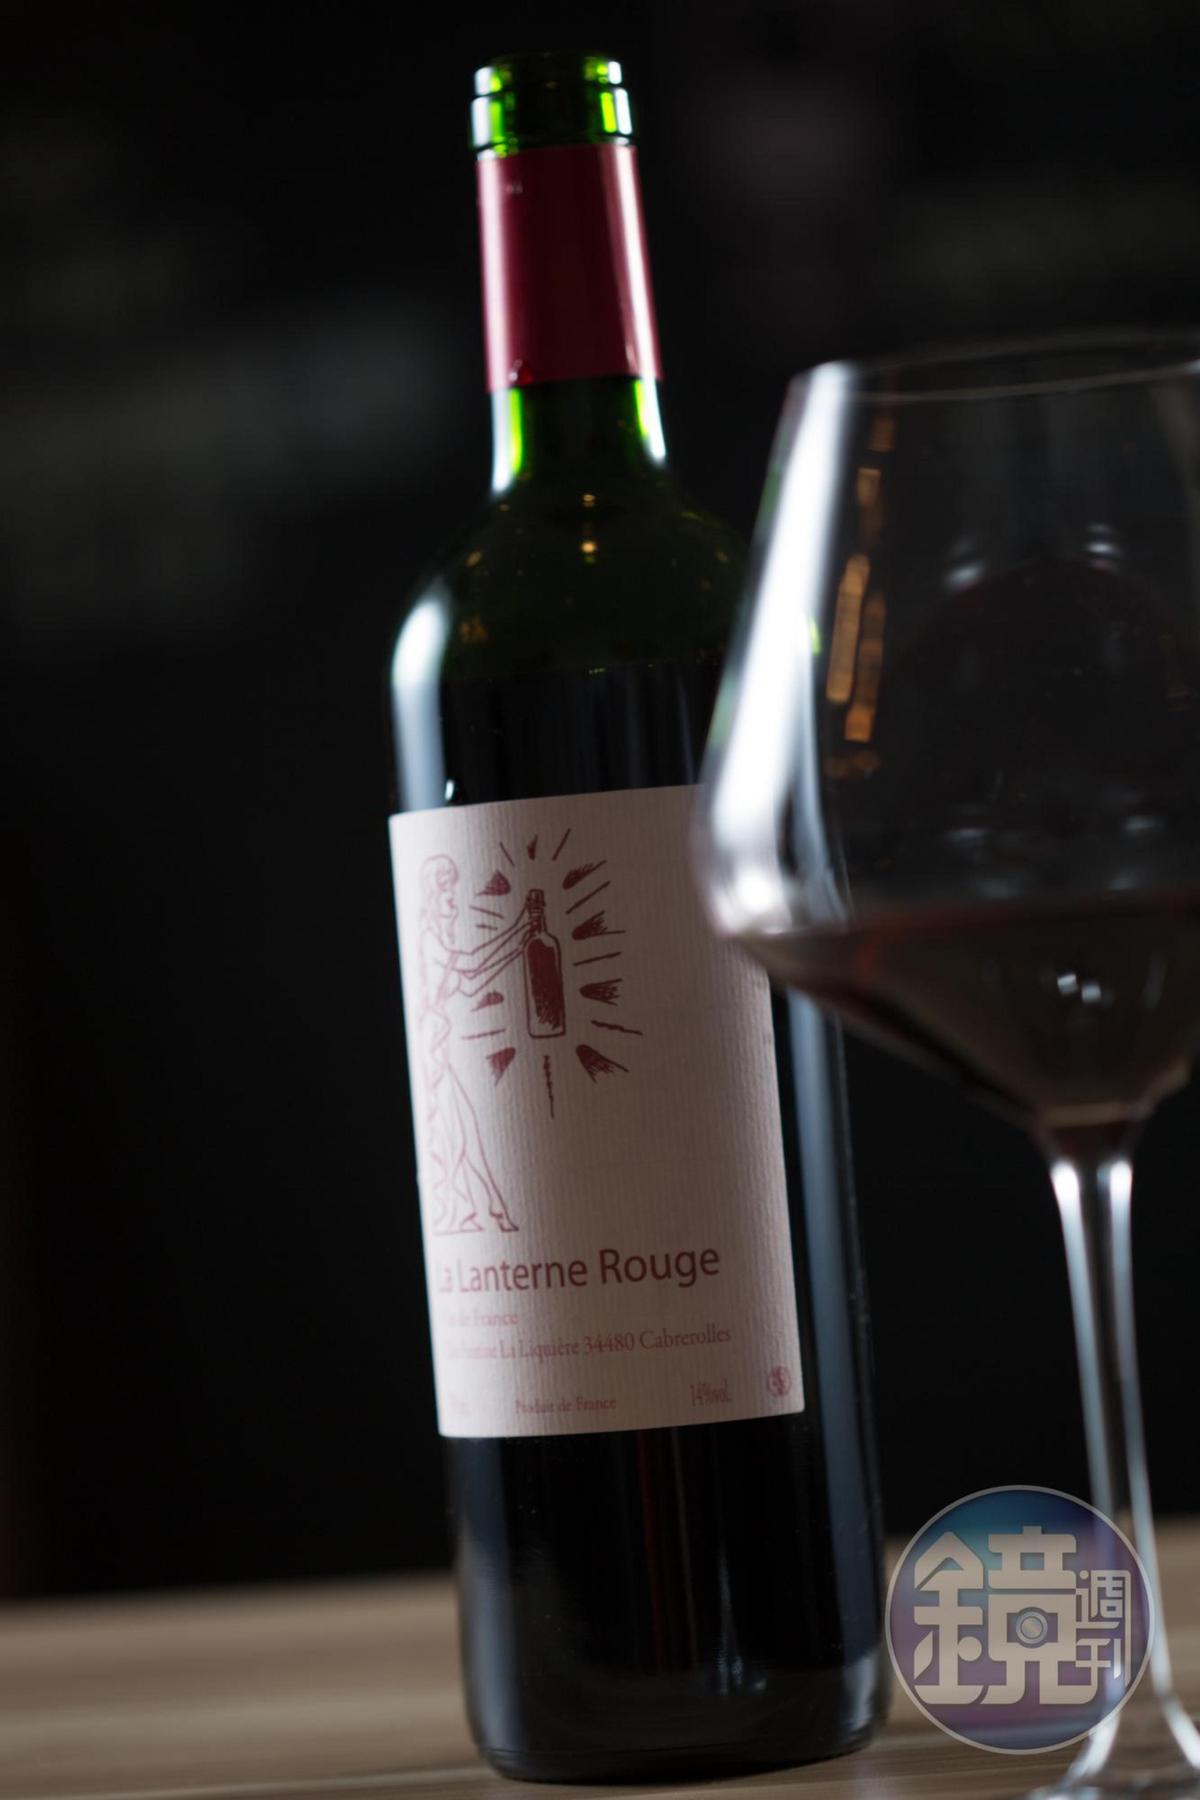 紫紅漿果色澤的「Clos Fantine, Lanterne Rouge, Languedoc France, 2015」,揉合馥麗花香及漿果氣味,風味辨識度高,極具個性。(1,550元/瓶)